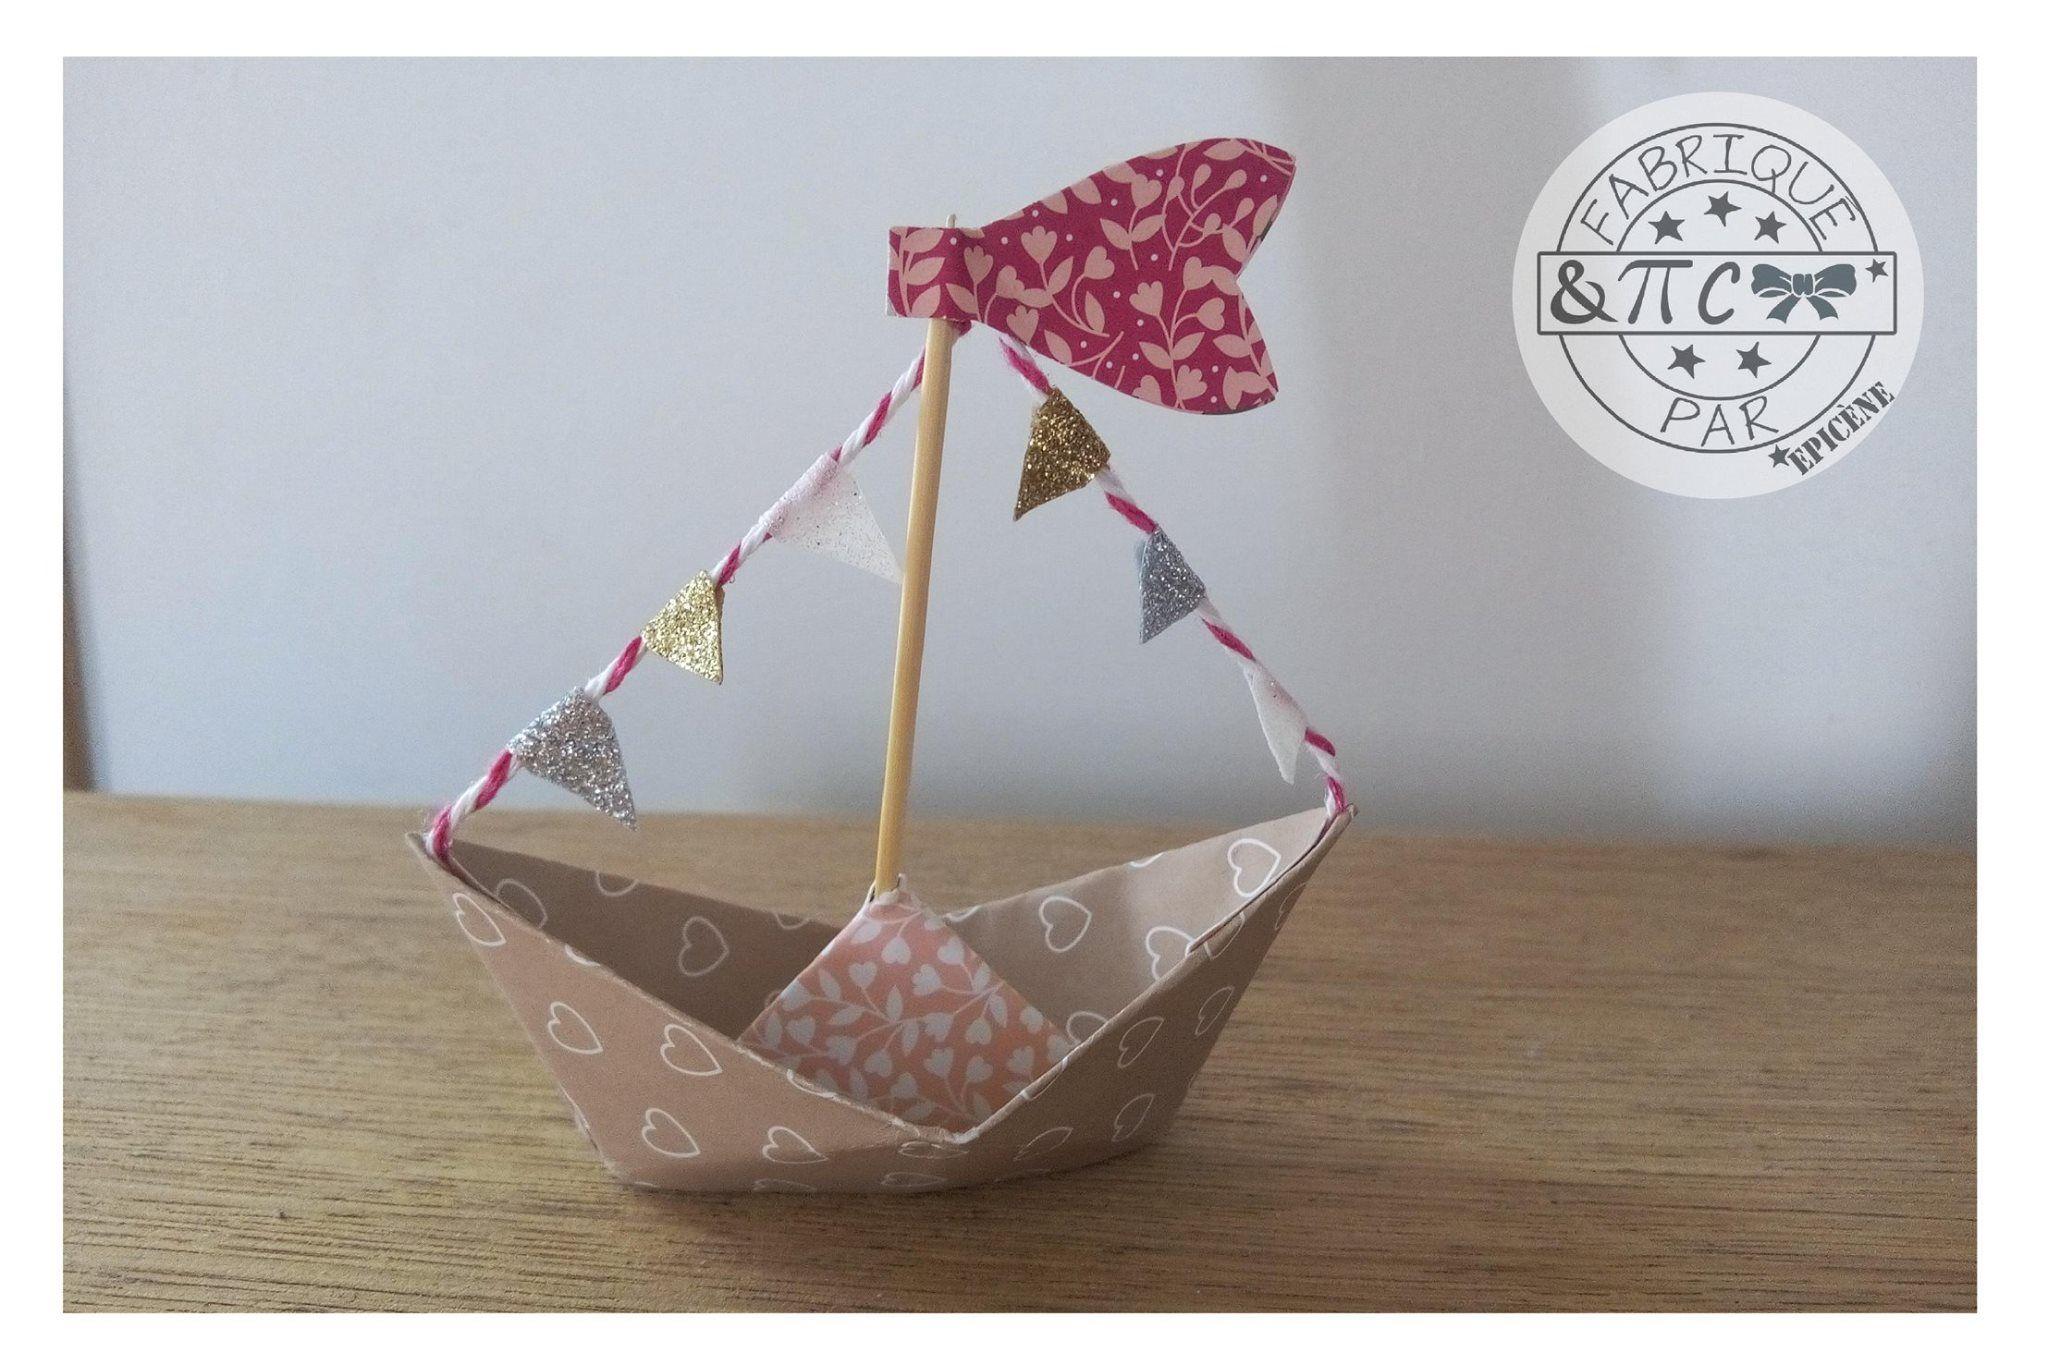 Joli petit bateau reproduis grâce à notre Créative numéro